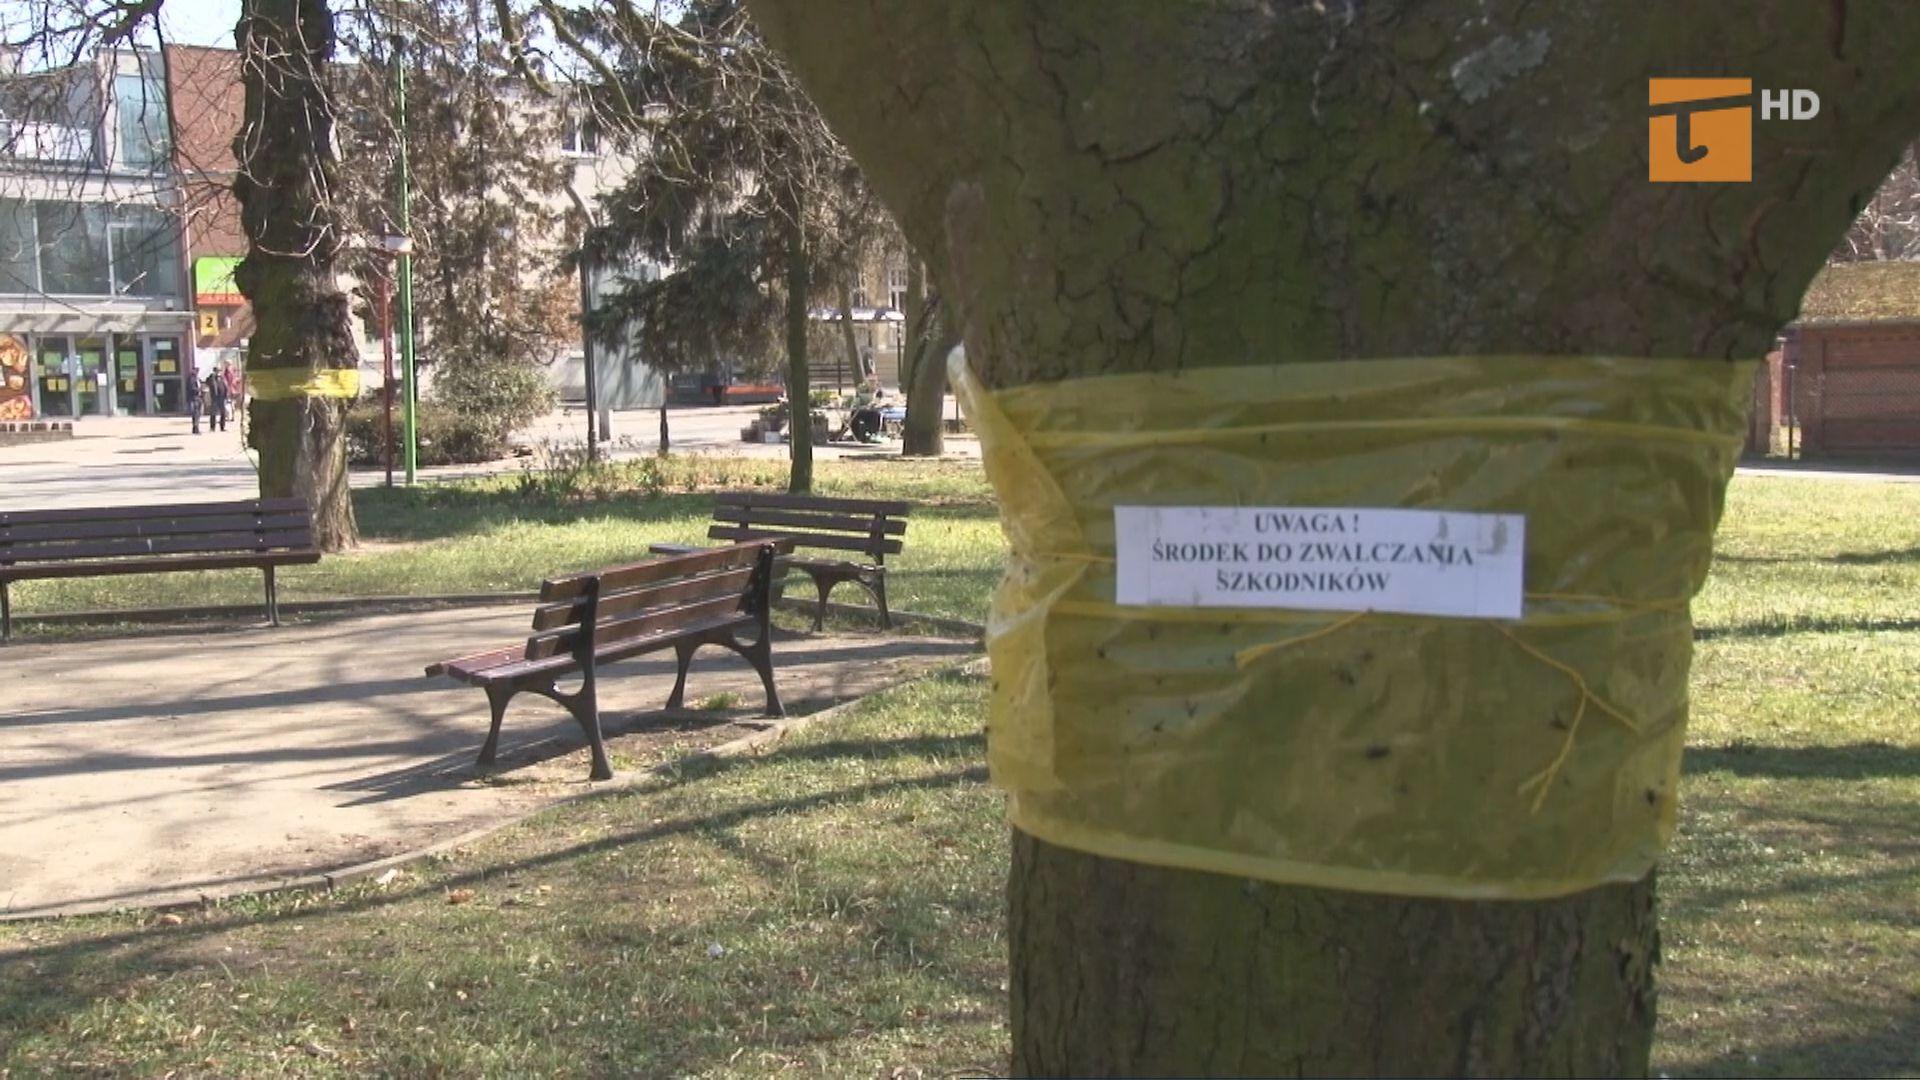 Na drzewach założone zostały specjalne żółte opaski nasączone feromonami